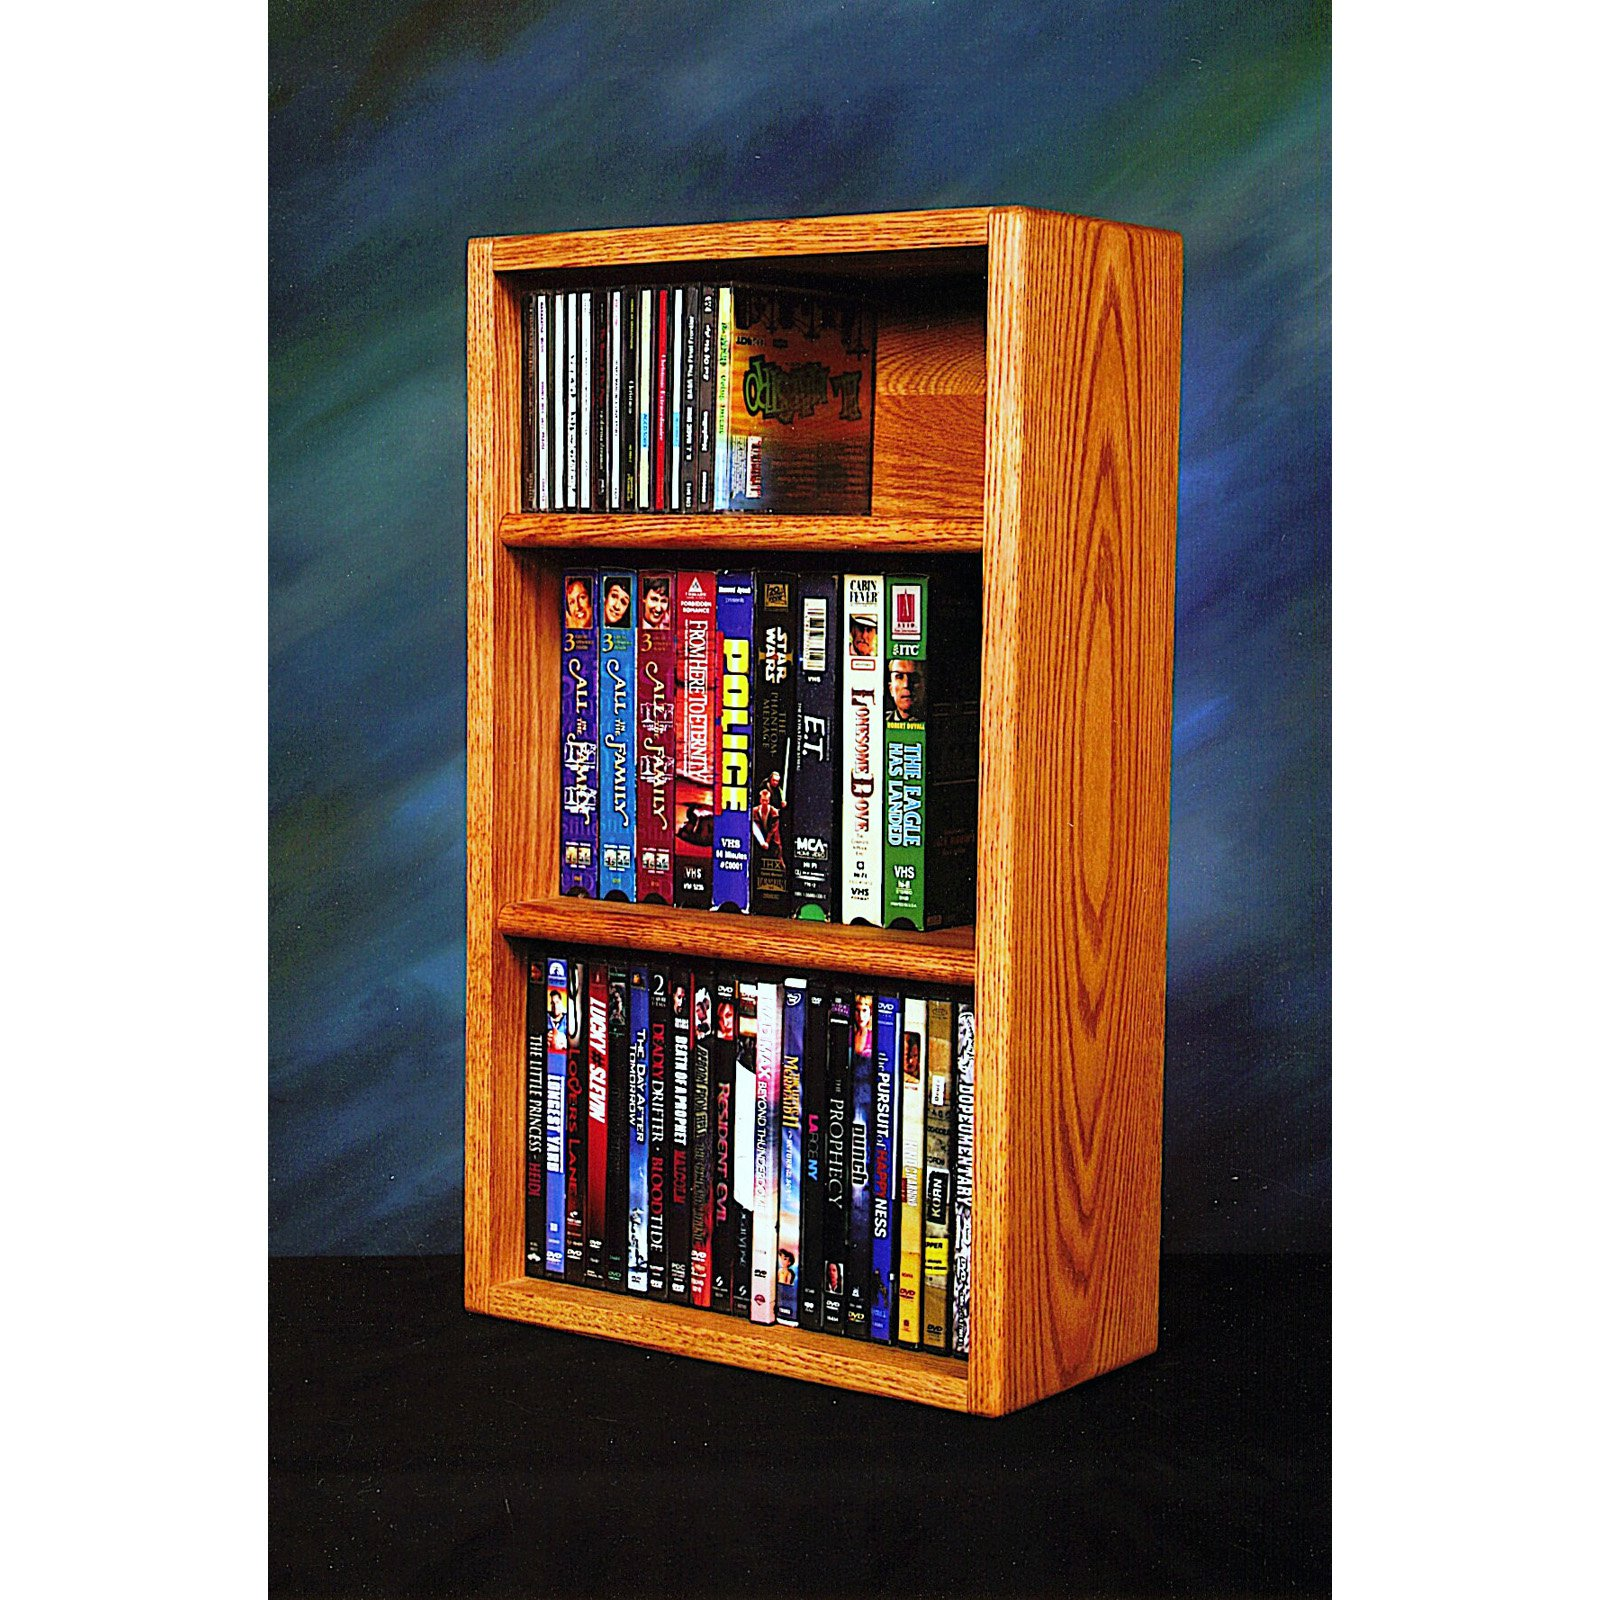 The Wood Shed Solid Oak Desktop / Shelf 55 CD / DVD / VHS Tape Media Rack